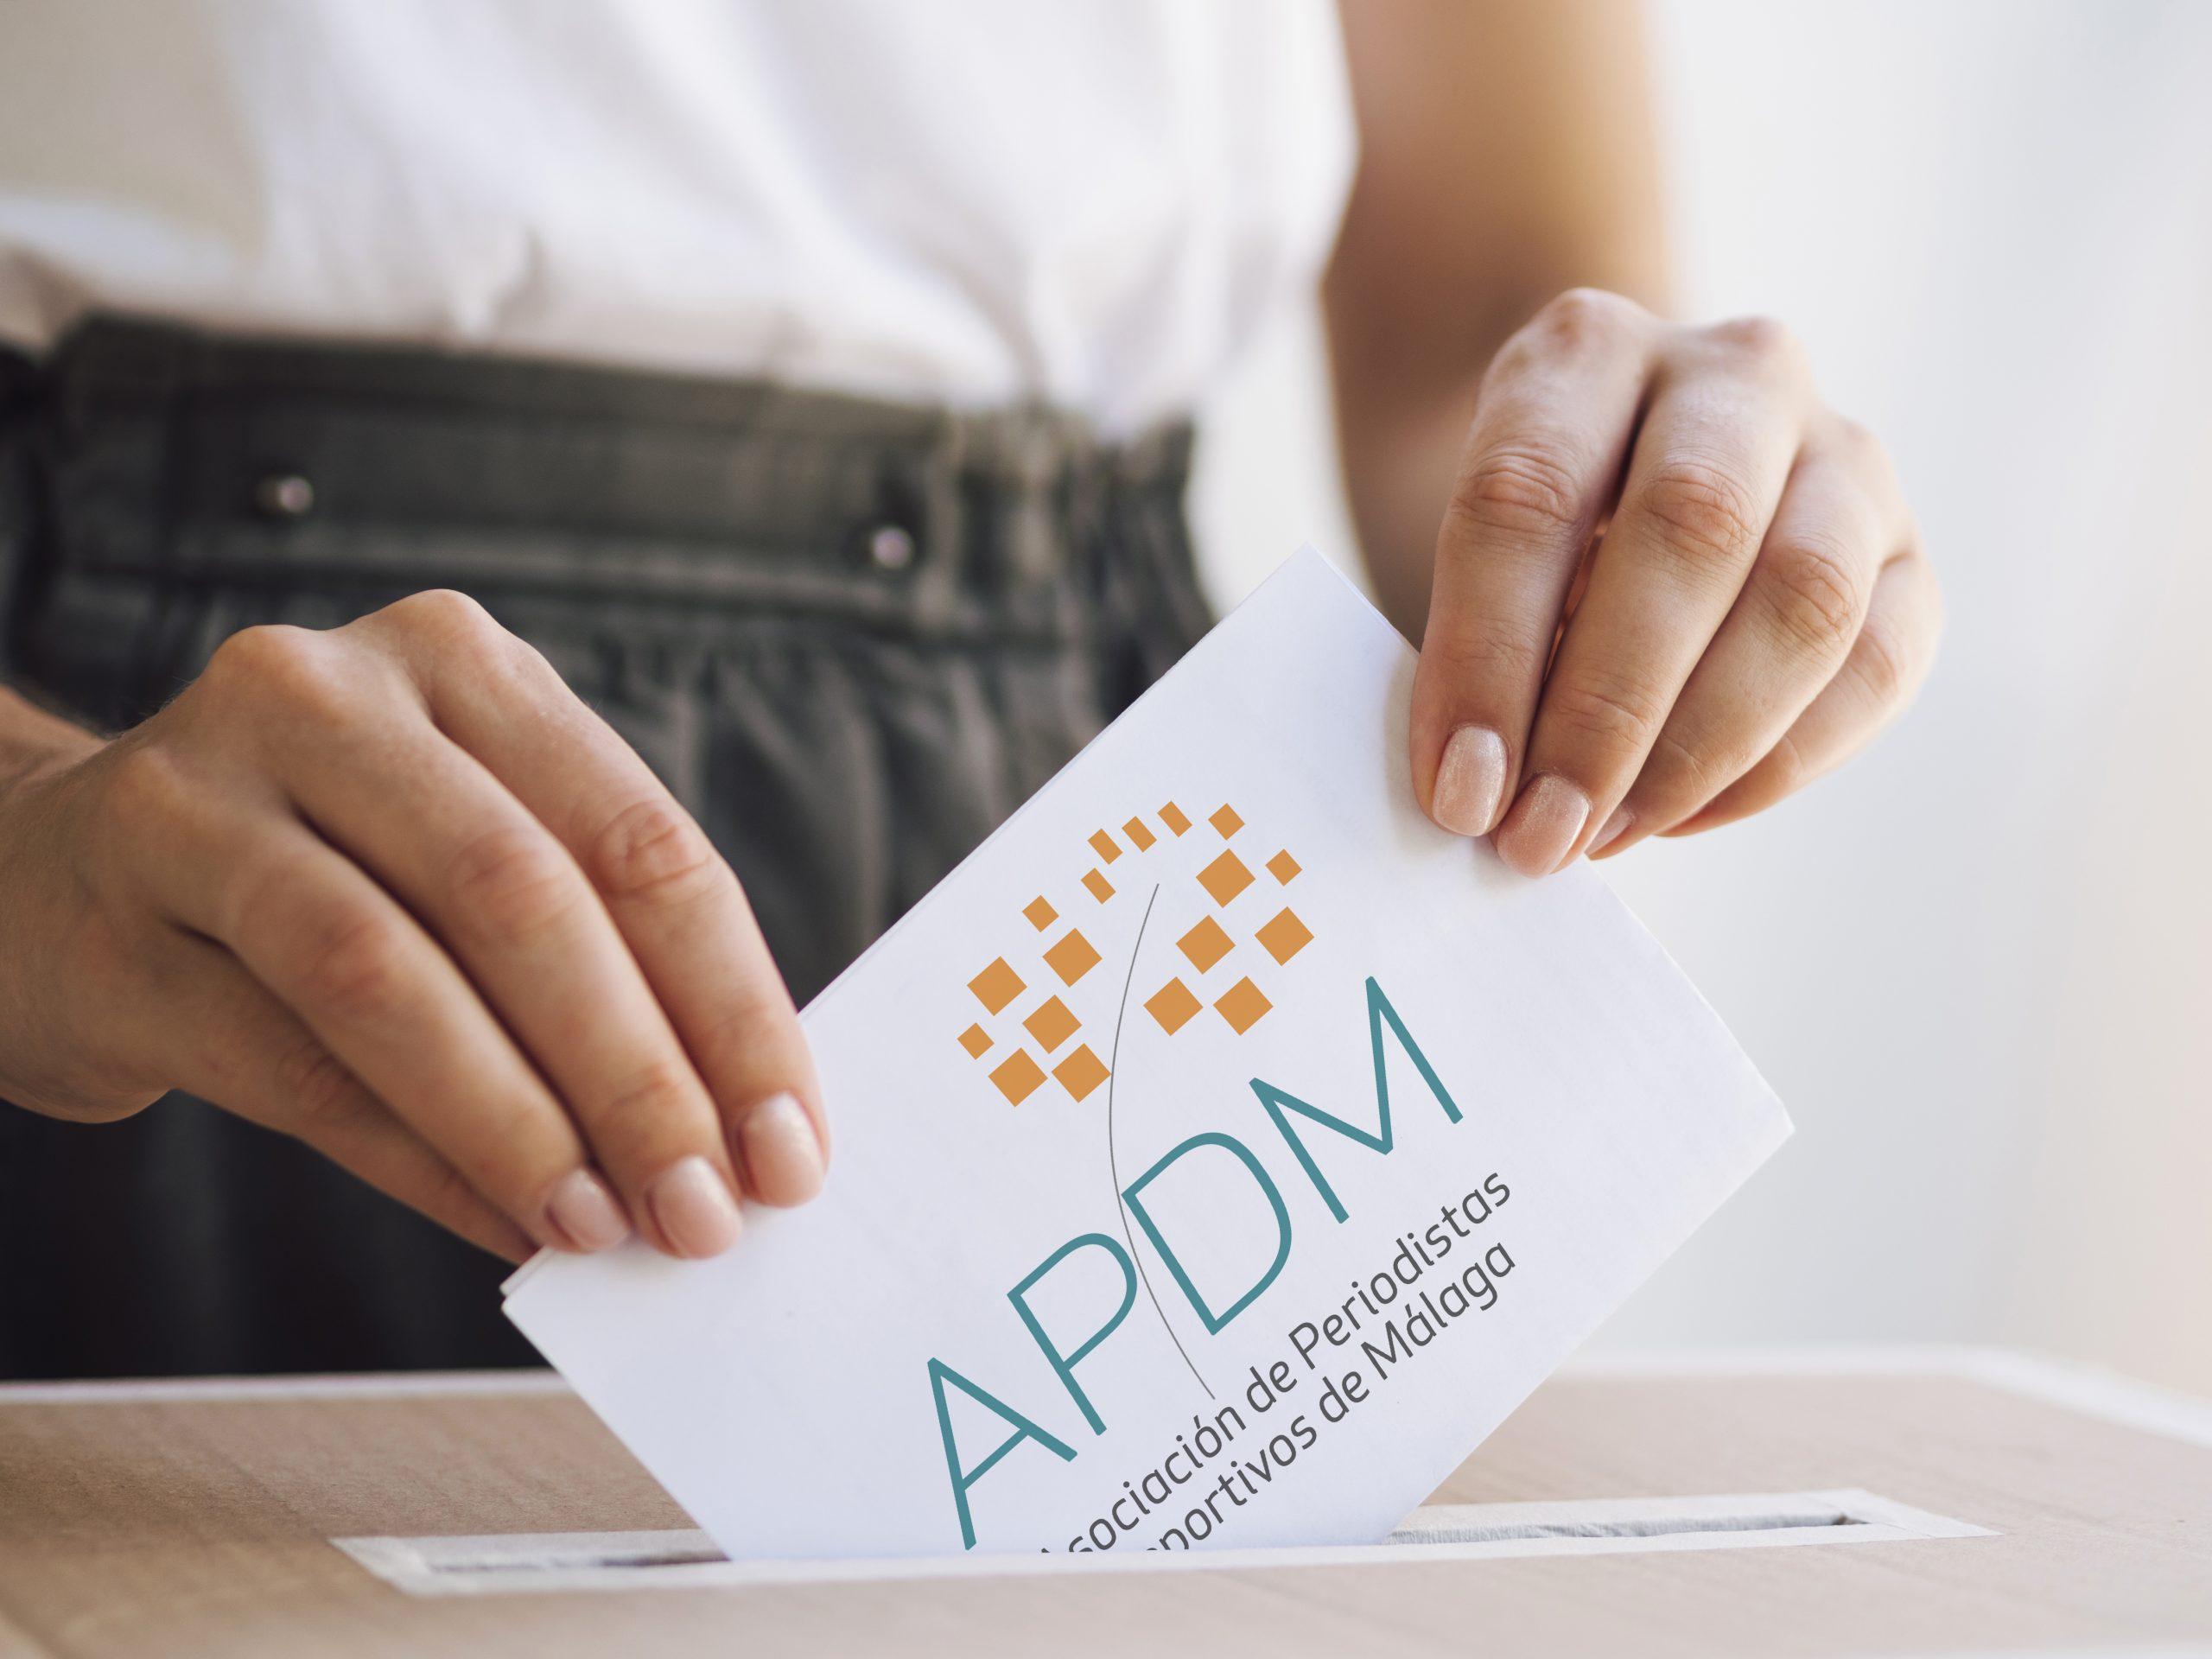 Se abre el período electoral para la renovación de los cargos de la Junta Directiva de la APDM